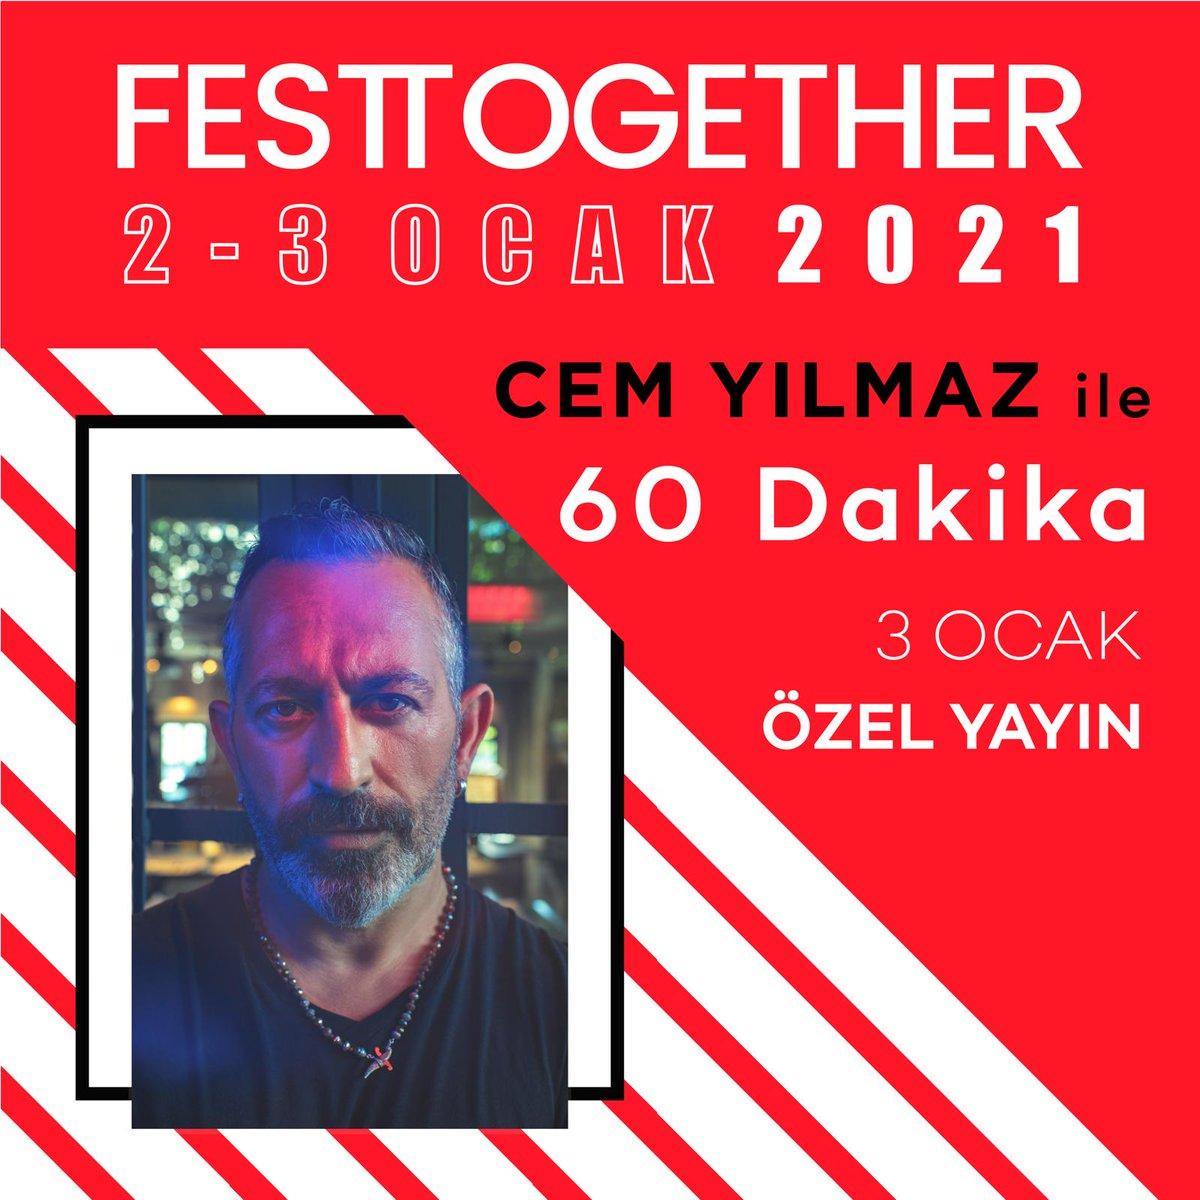 """""""Cem Yılmaz ile 60 Dakika"""" 3 Ocak'ta Festtogether'da!  @CMYLMZ  Bilet gelirinin tamamının Covid-19 salgınından etkilenen sanat emekçilerine aktarılması amacıyla düzenlenecek online etkinliğin biletleri yakında @MobiletOfficial 'da satışta!"""